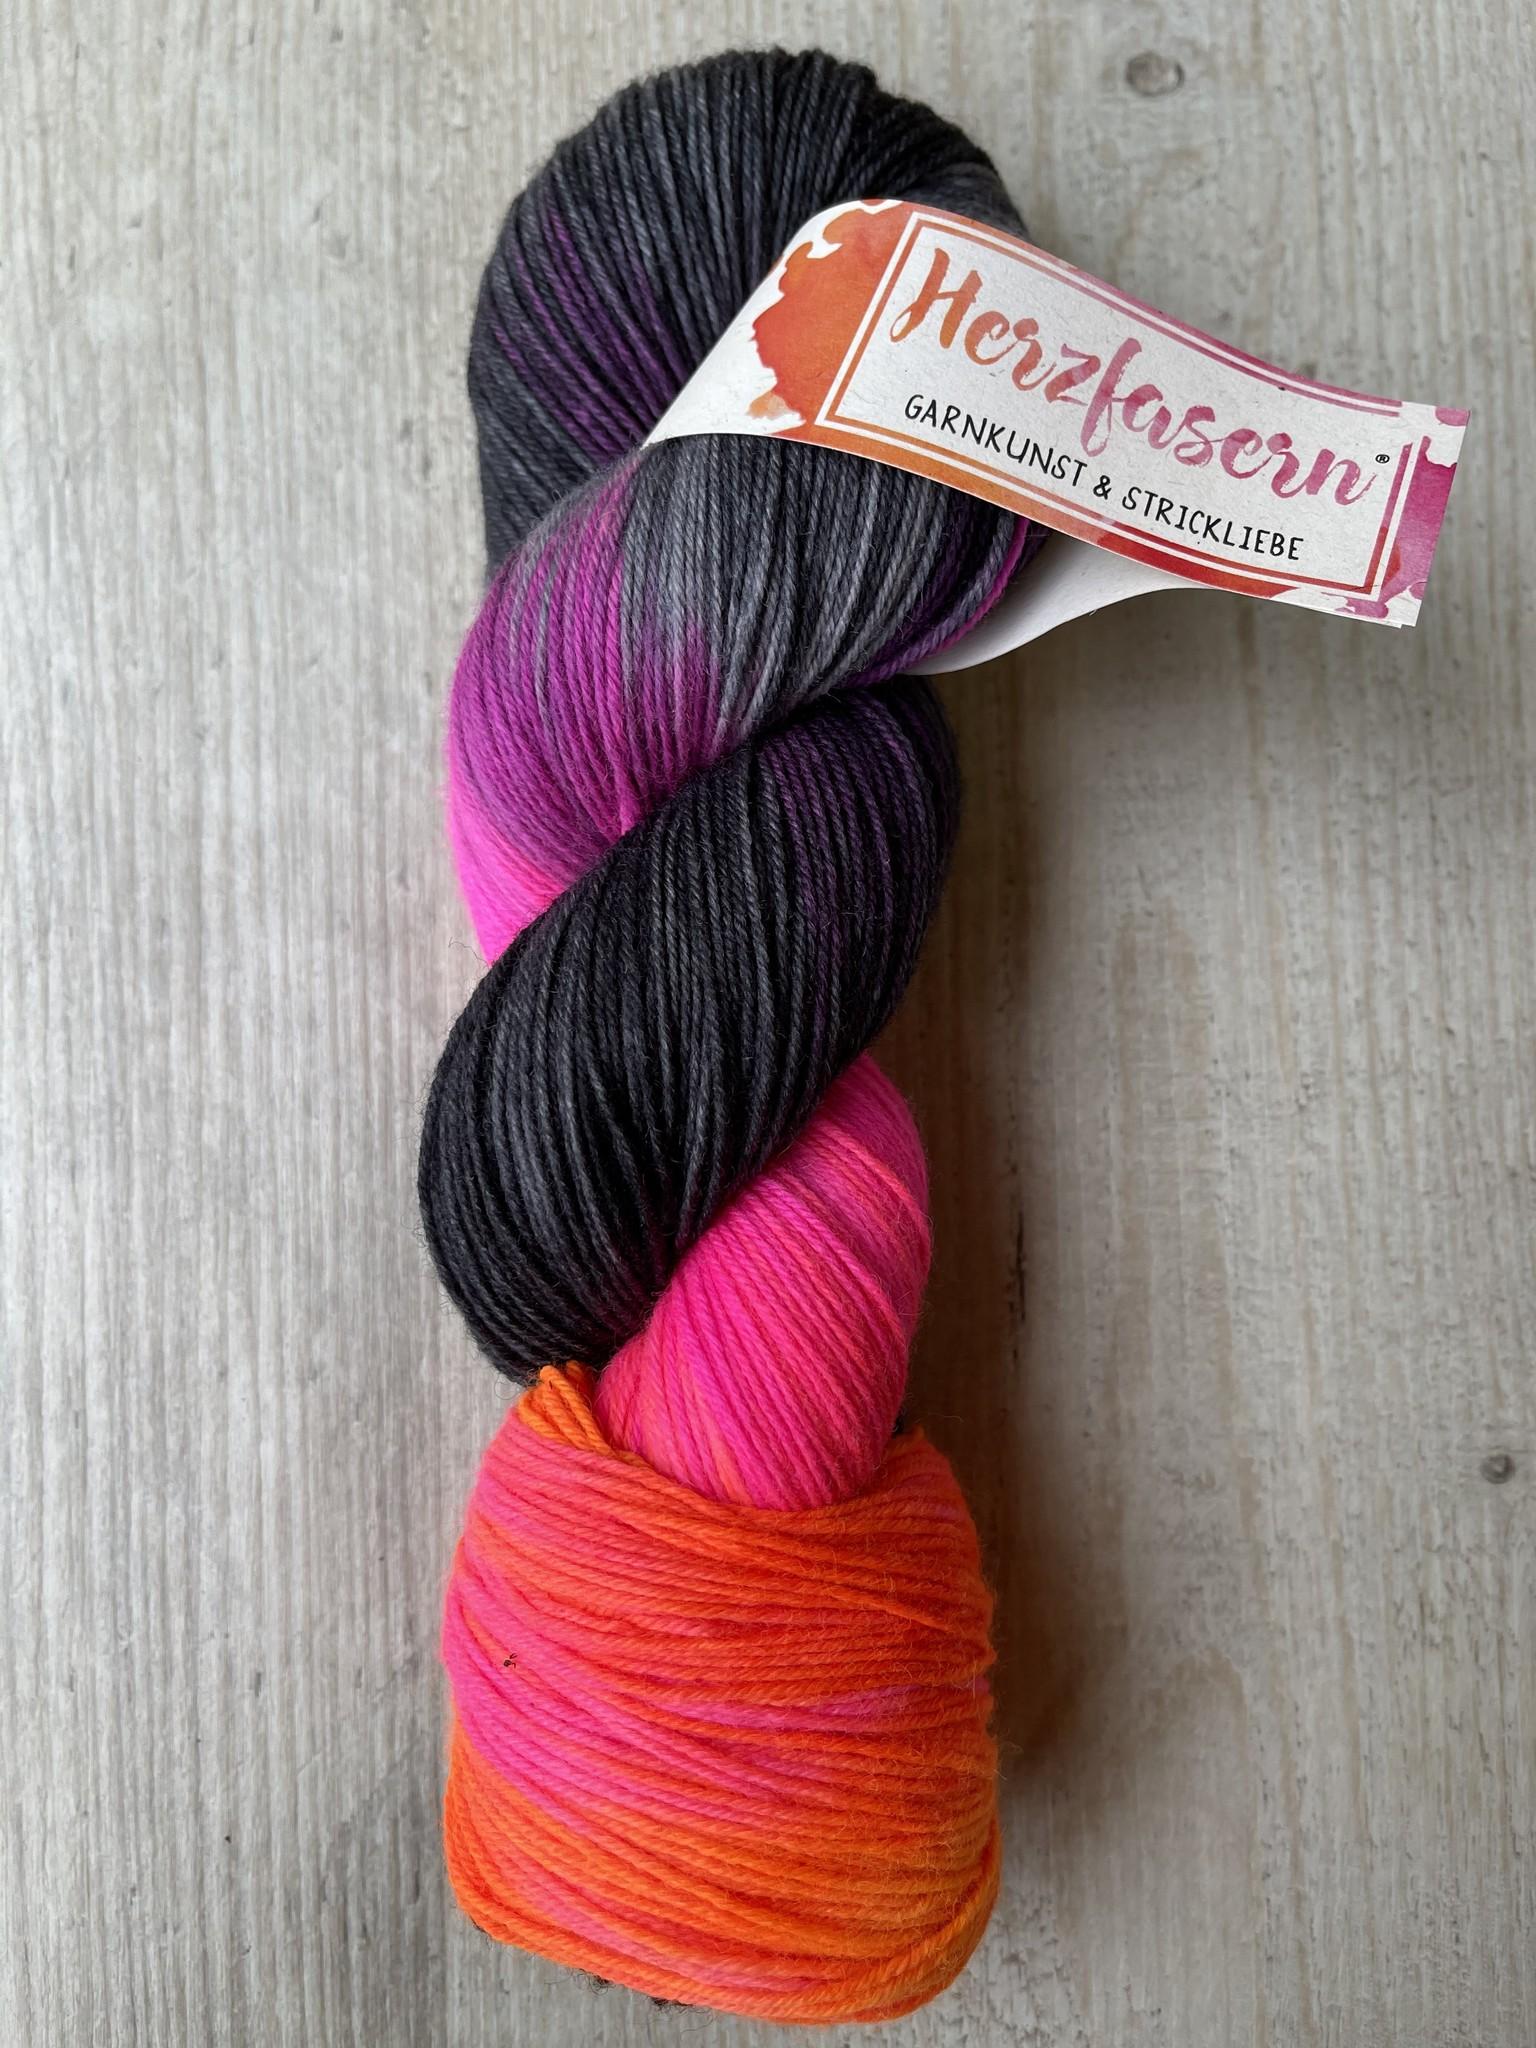 Herzfasern Sockenwolle Mrs. Gray and Neon